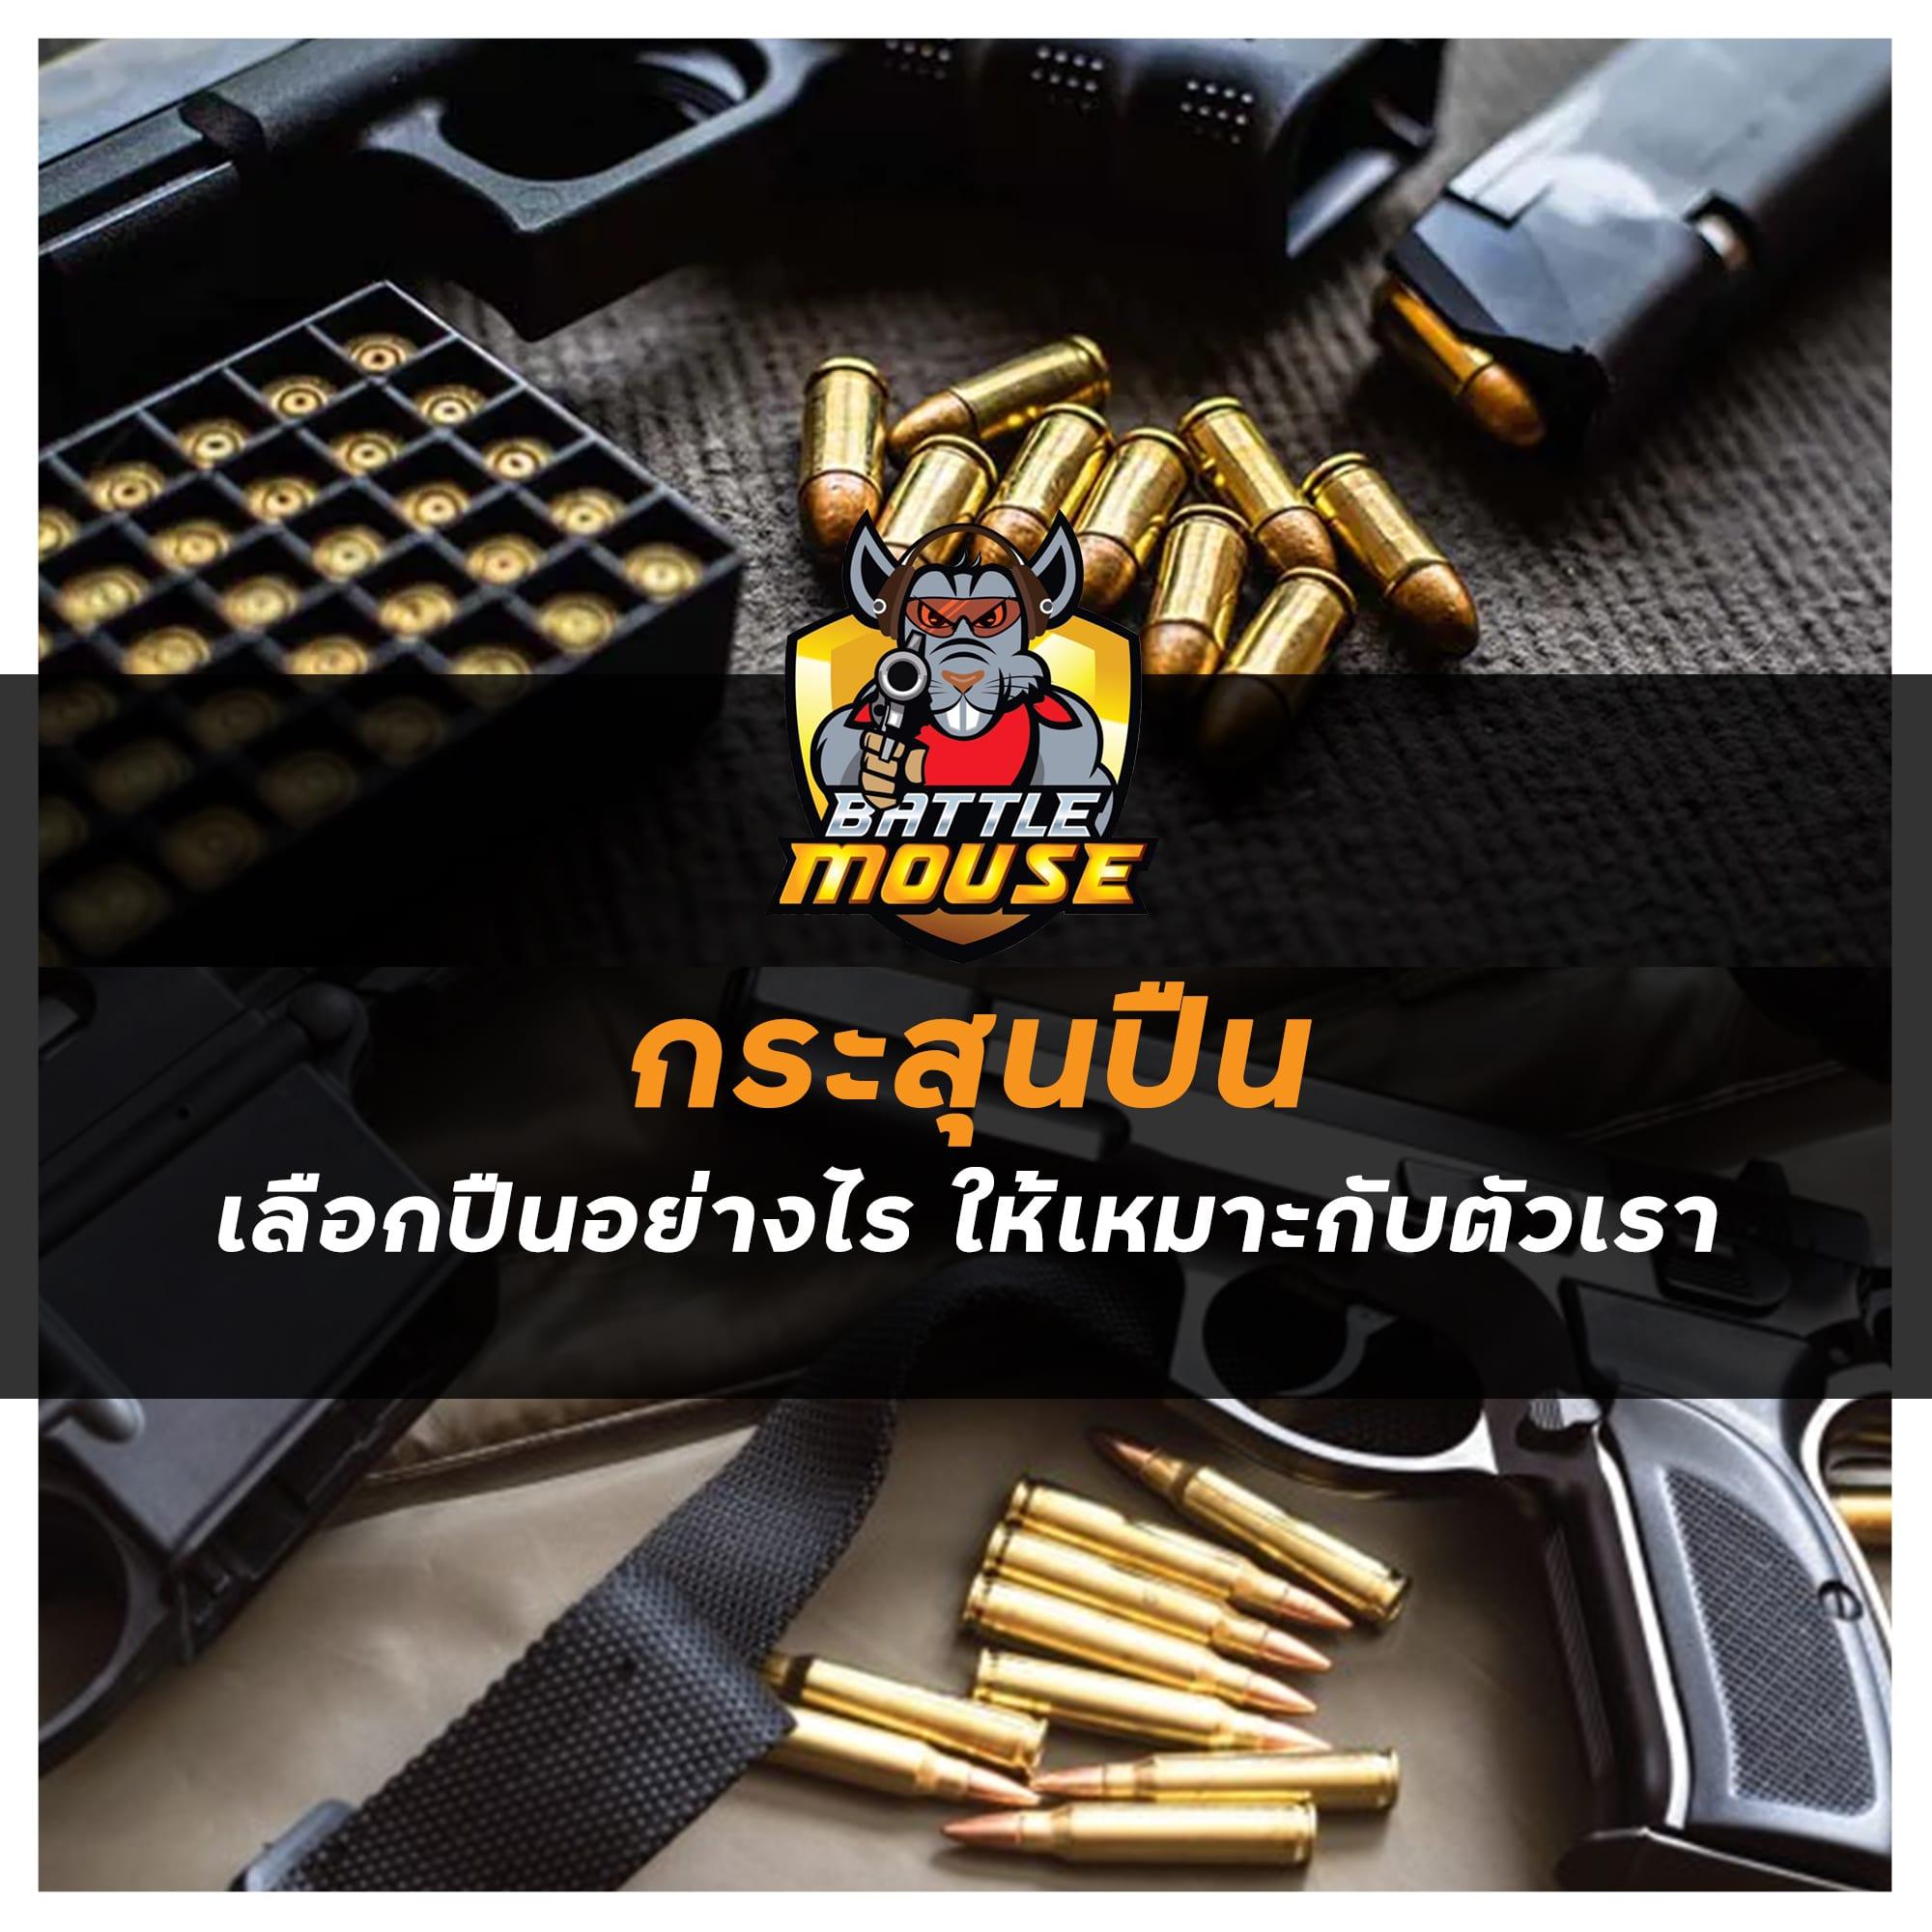 กระสุนปืน เลือกปืนอย่างไร ให้เหมาะกับตัวเรา